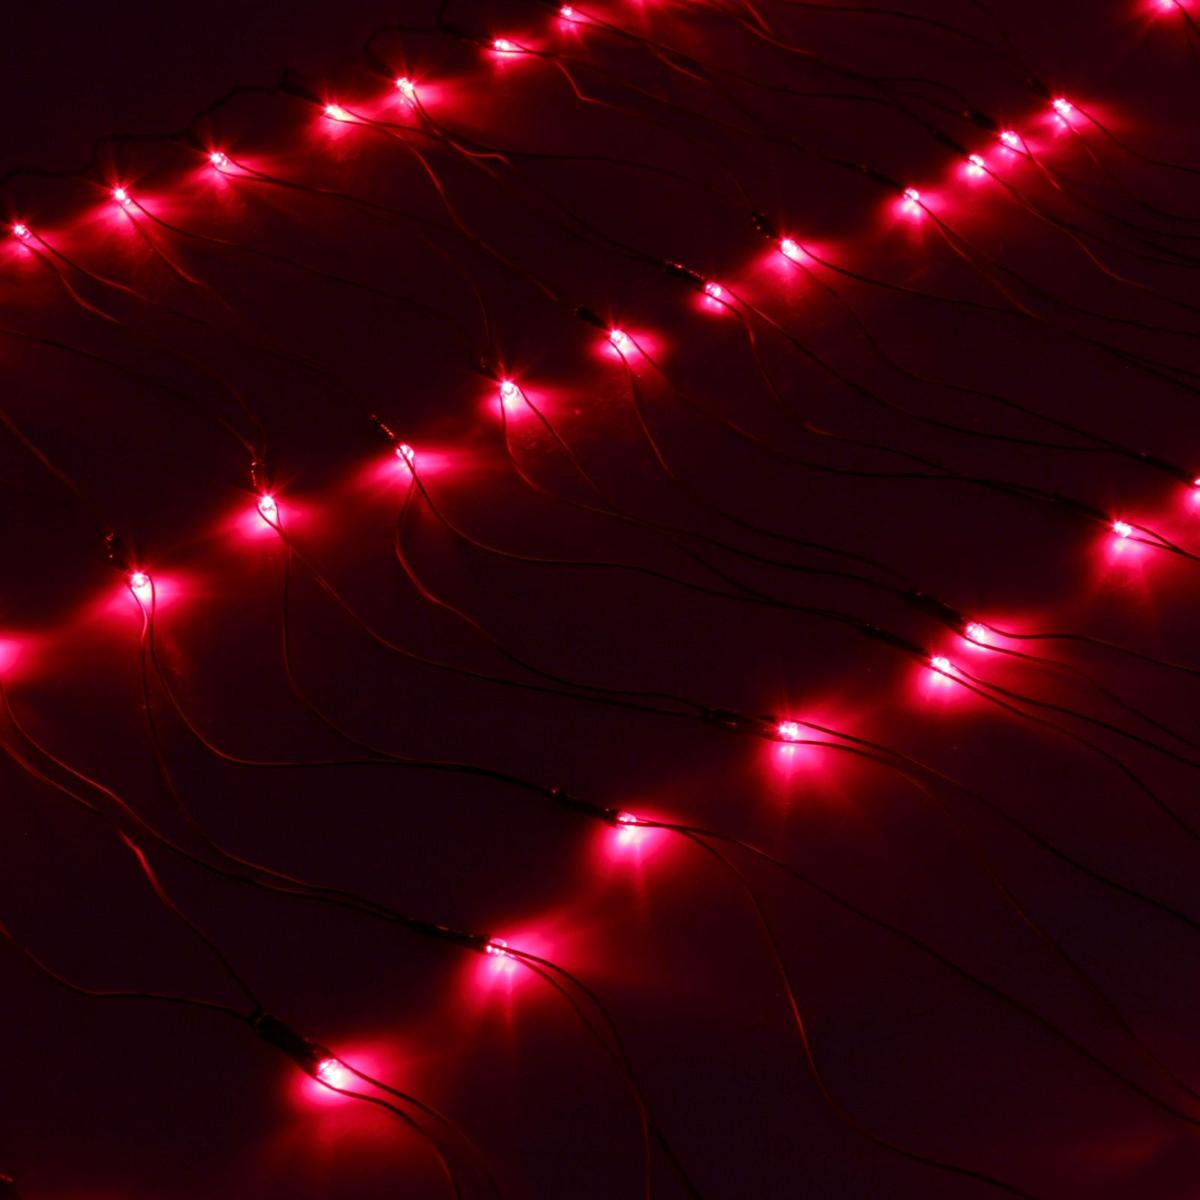 Гирлянда Luazon Сетка, длина 0,7 м, LED 96 ламп, 220V, цвет: красный. 187202187202Светодиодные гирлянды, ленты и т.д — это отличный вариант для новогоднего оформления интерьера или фасада. С их помощью помещение любого размера можно превратить в праздничный зал, а внешние элементы зданий, украшенные ими, мгновенно станут напоминать очертания сказочного дворца. Такие украшения создают ауру предвкушения чуда. Деревья, фасады, витрины, окна и арки будто специально созданы, чтобы вы украсили их светящимися нитями.